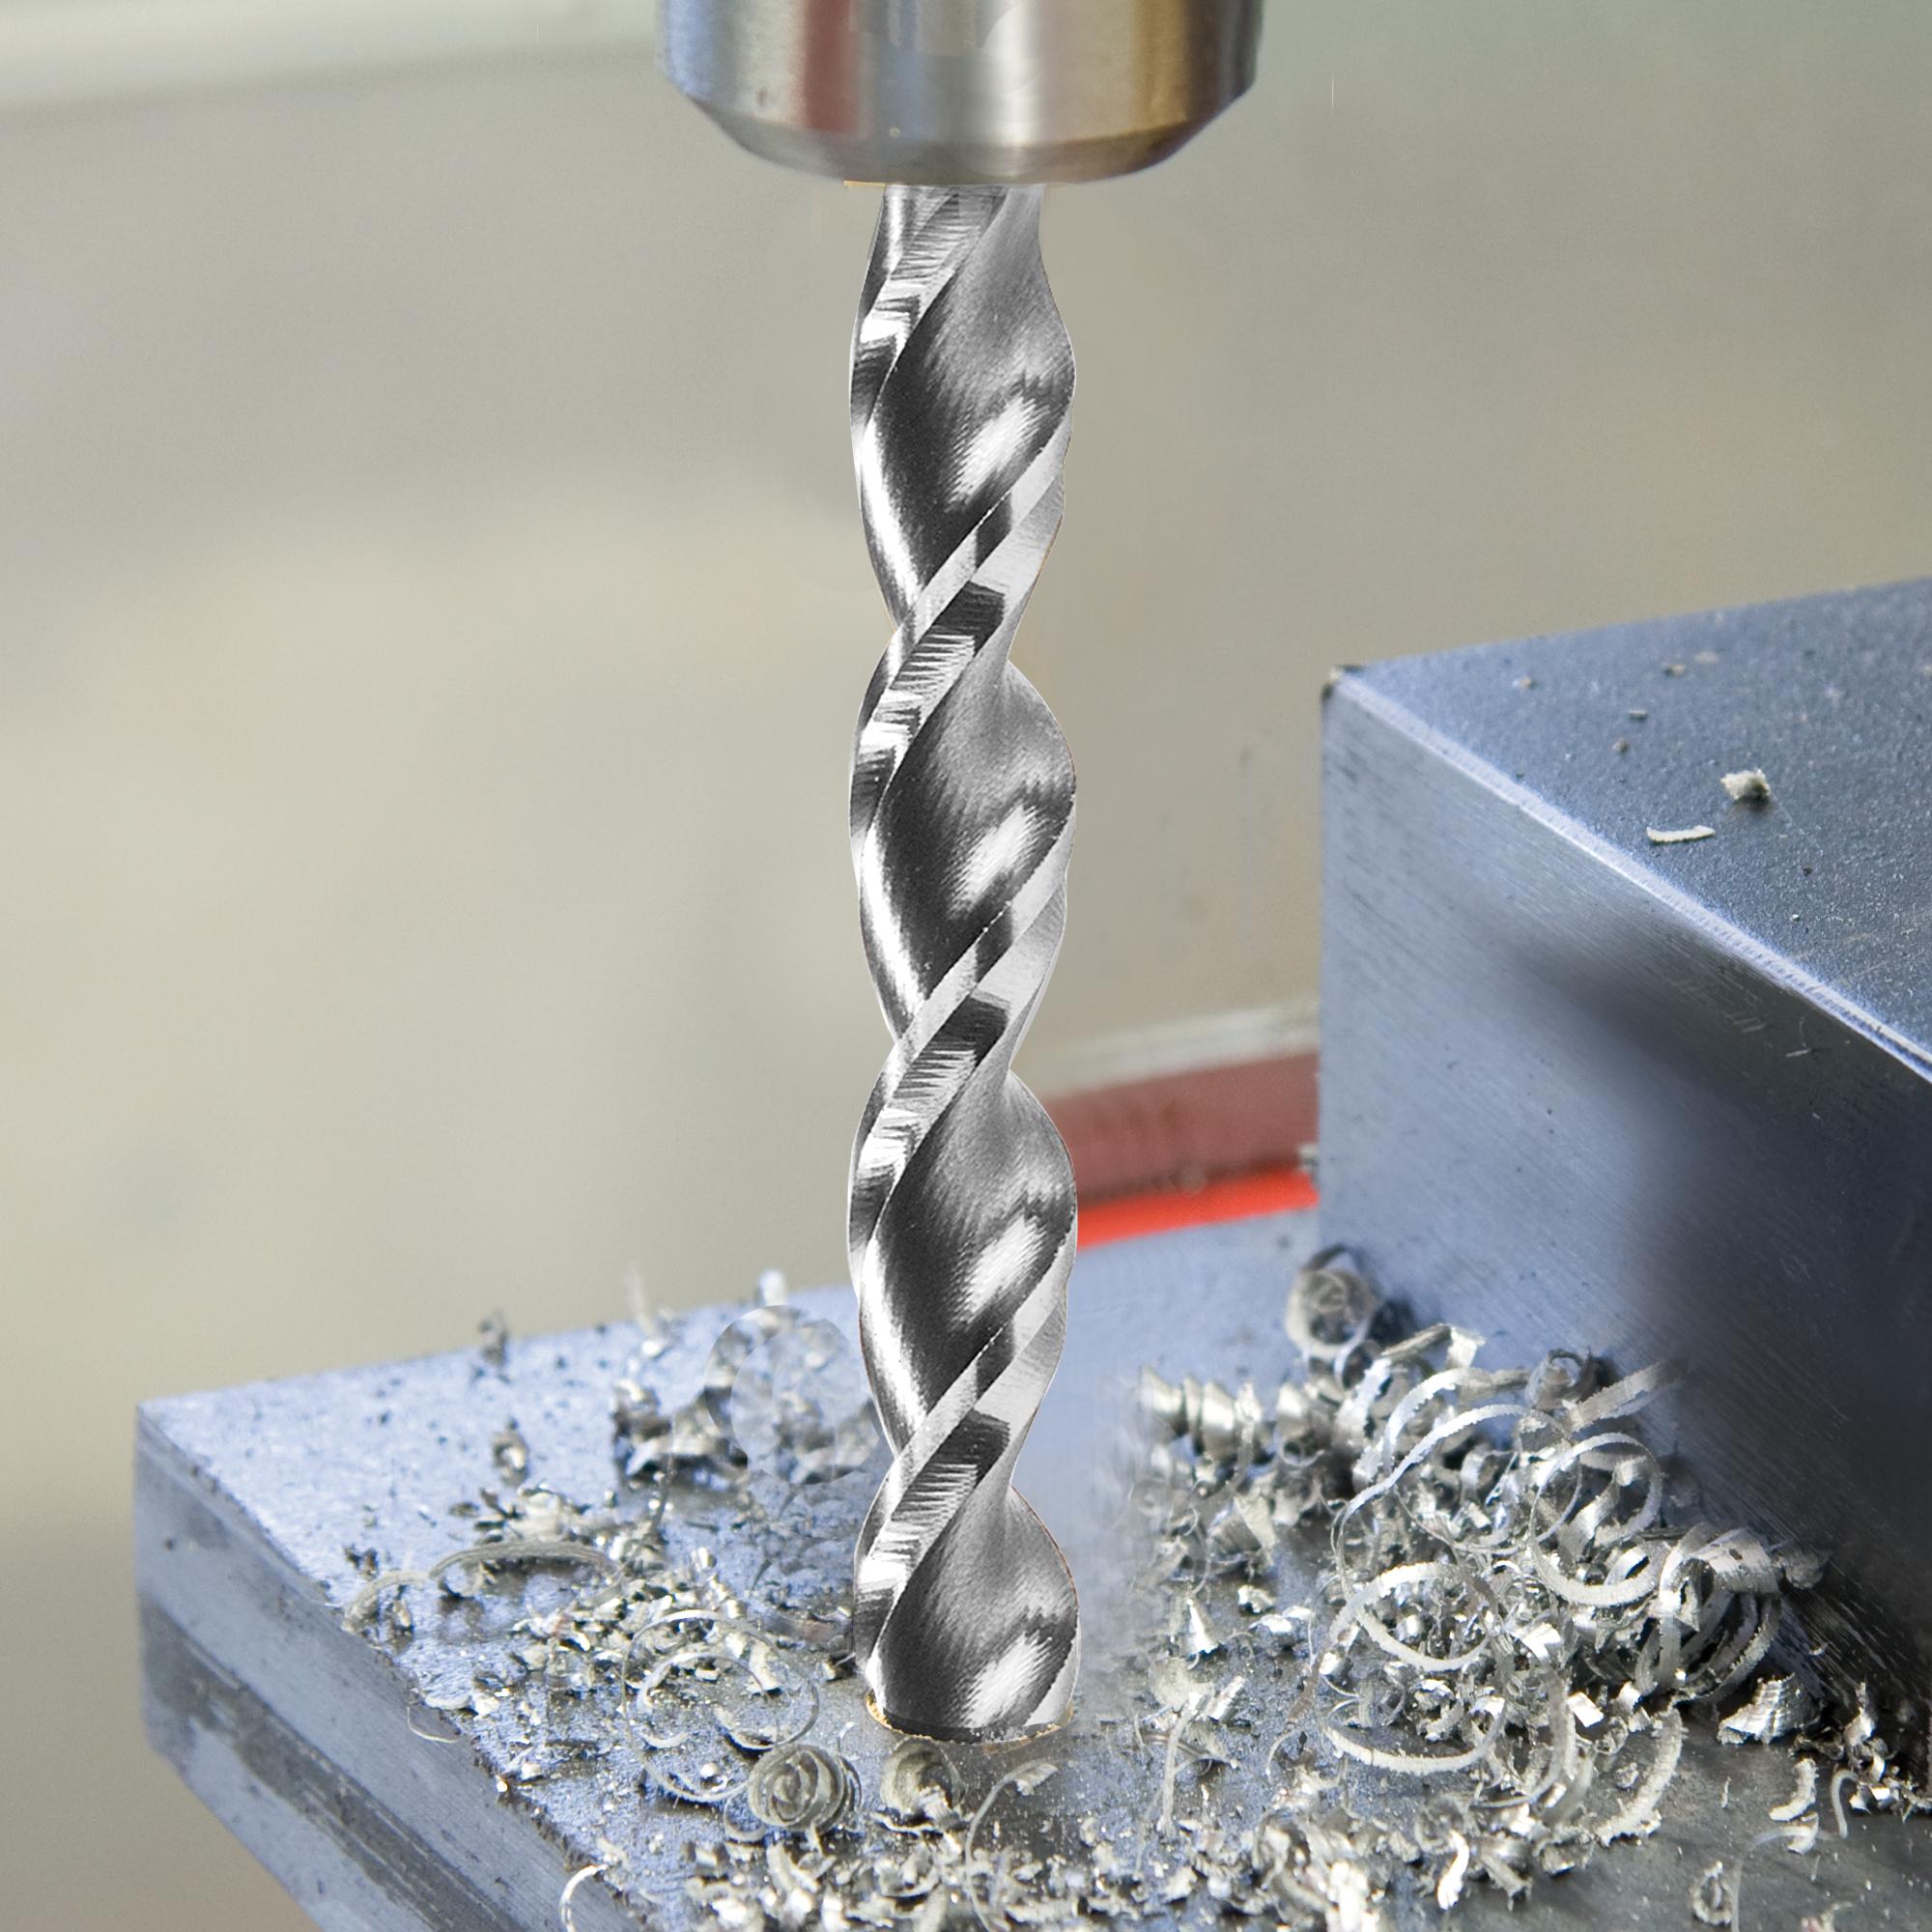 RUKO Twist drill DIN 338 TL 3000 HSS 258076